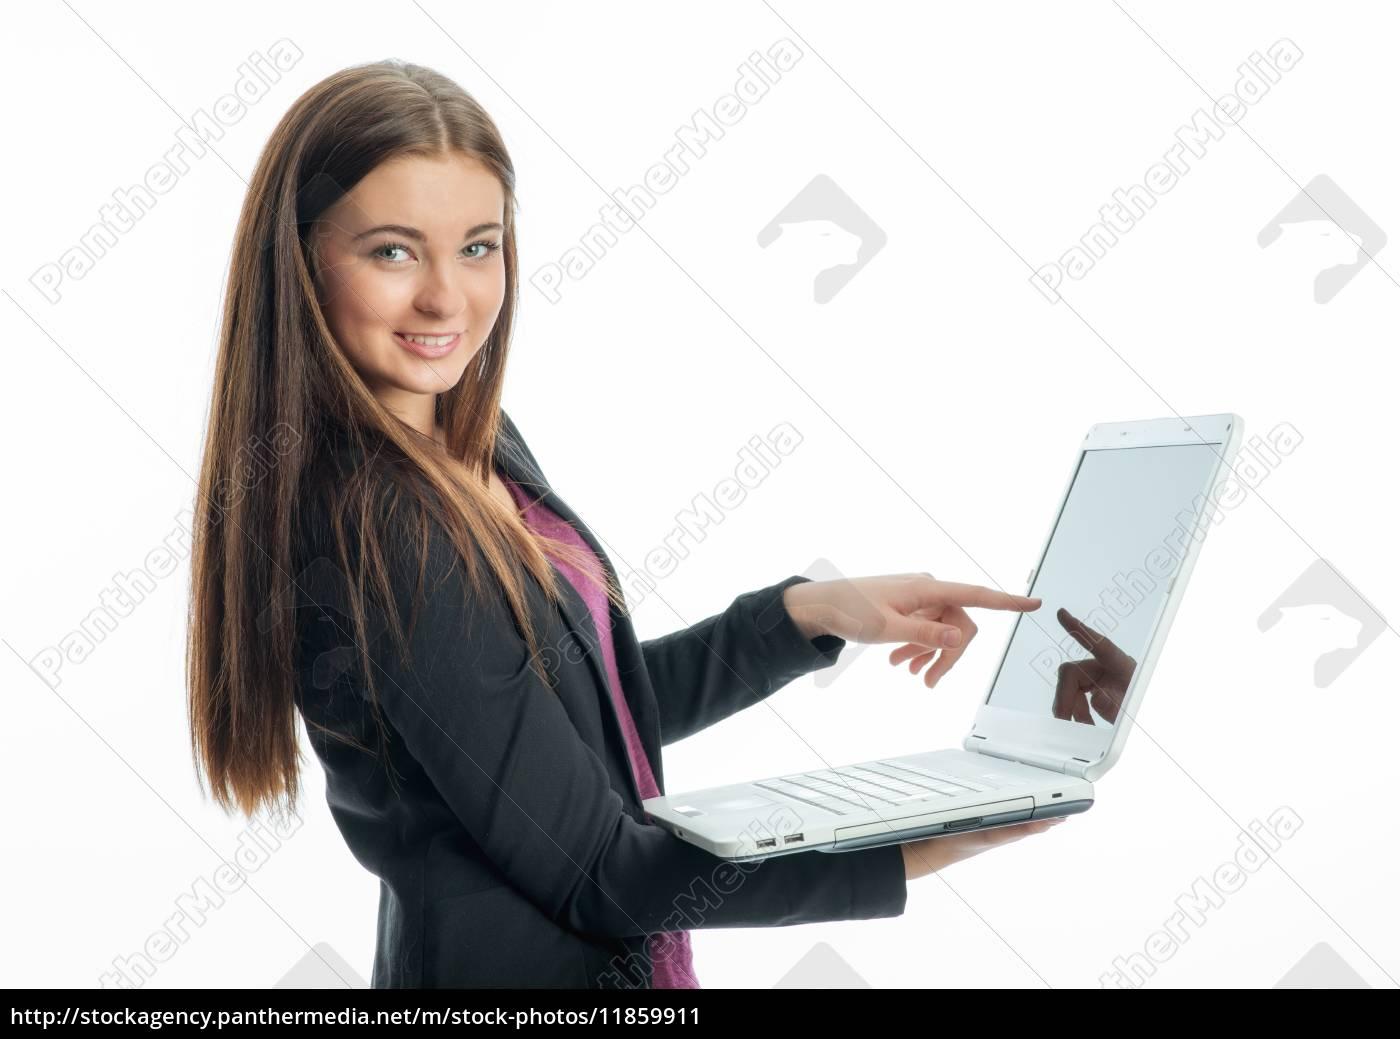 junges, mädchen, mit, laptop - 11859911